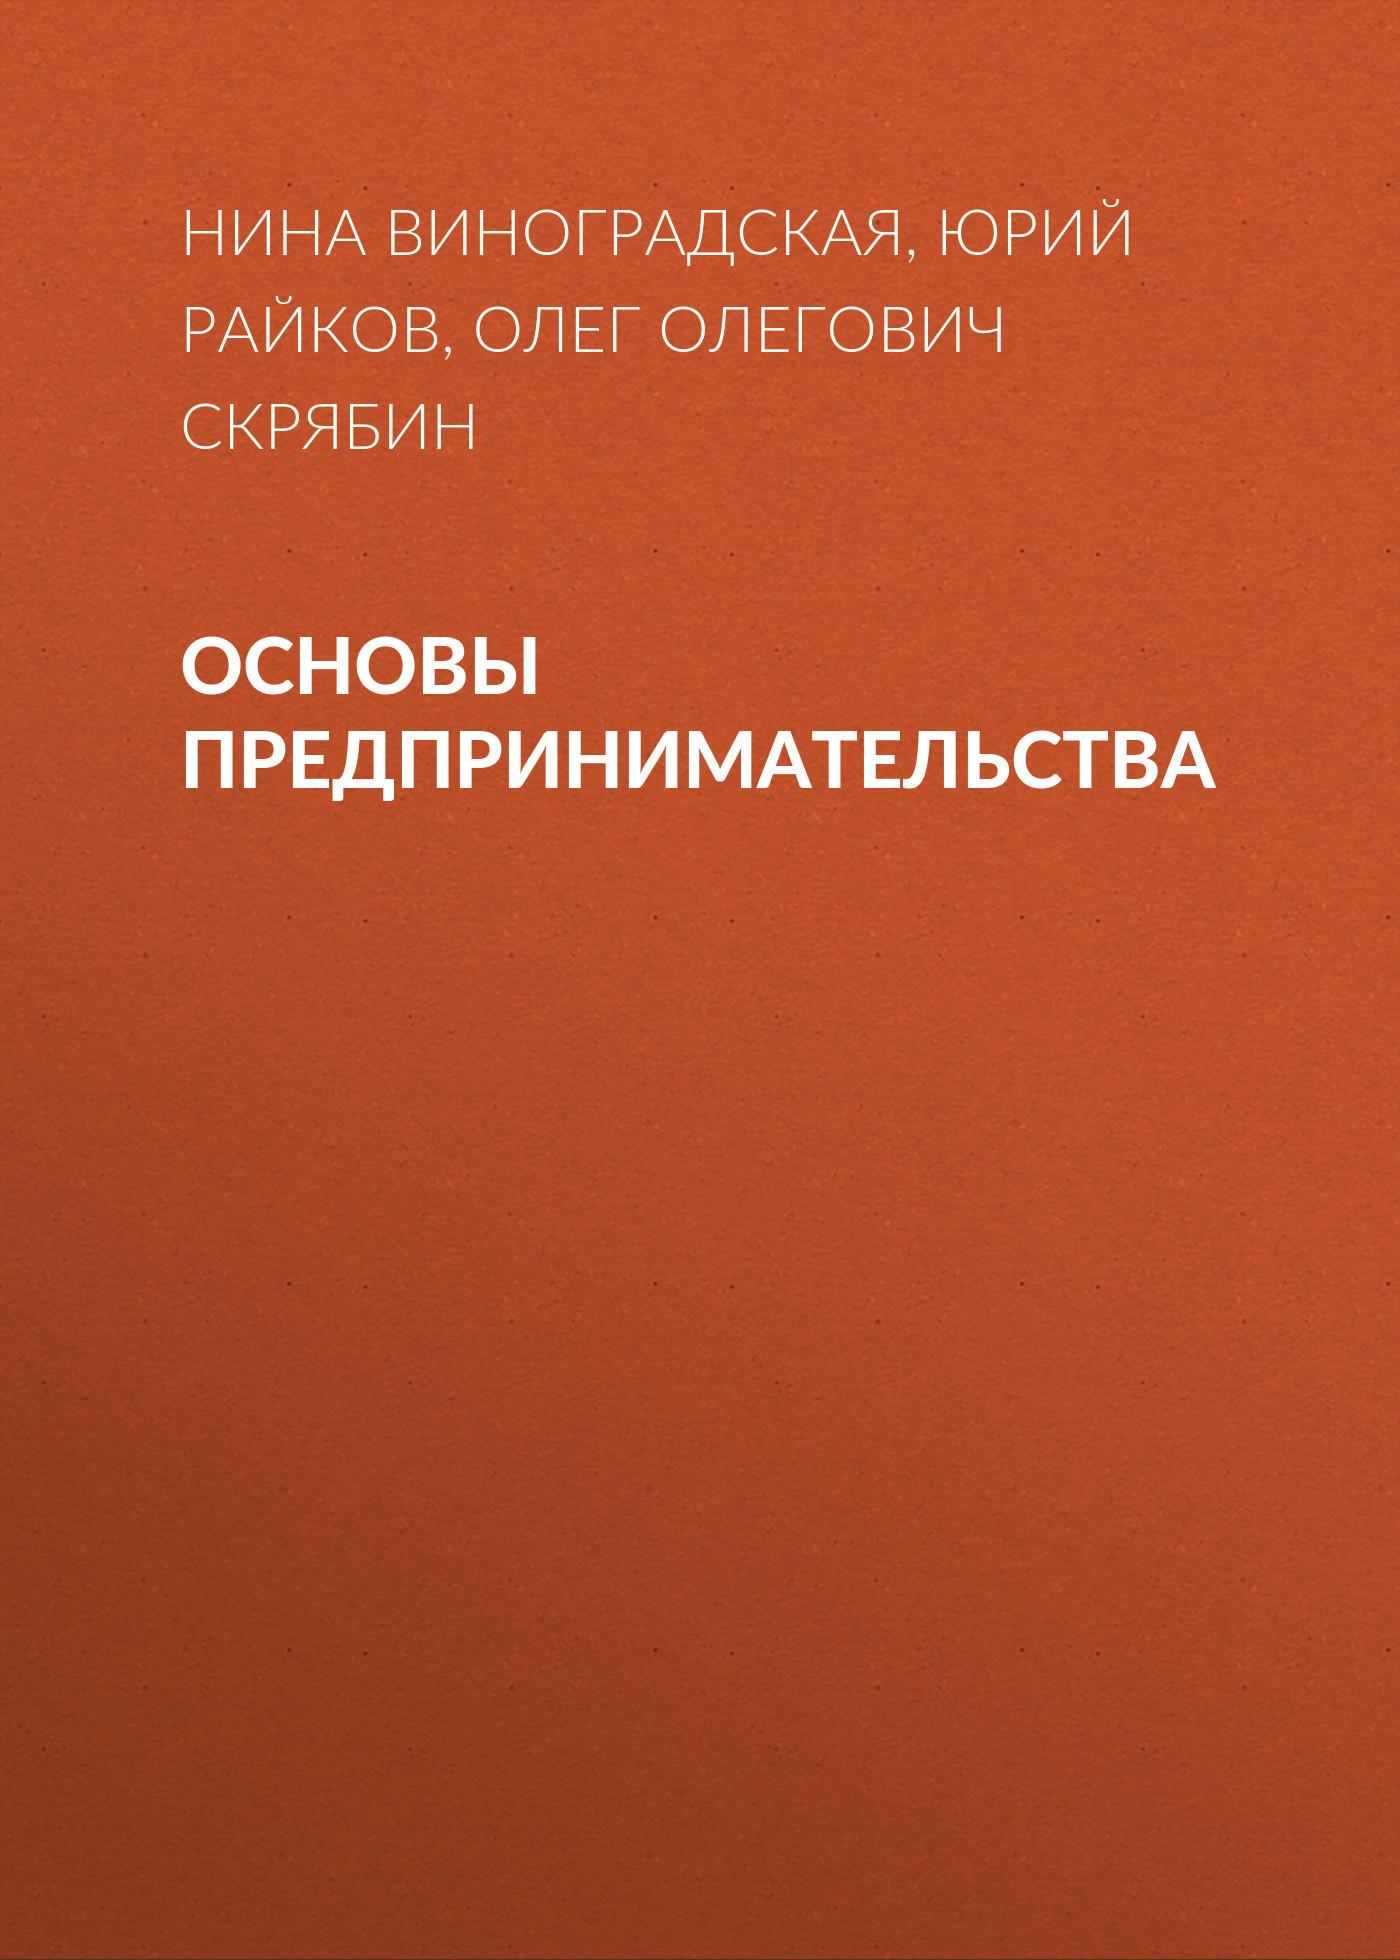 Олег Олегович Скрябин. Основы предпринимательства